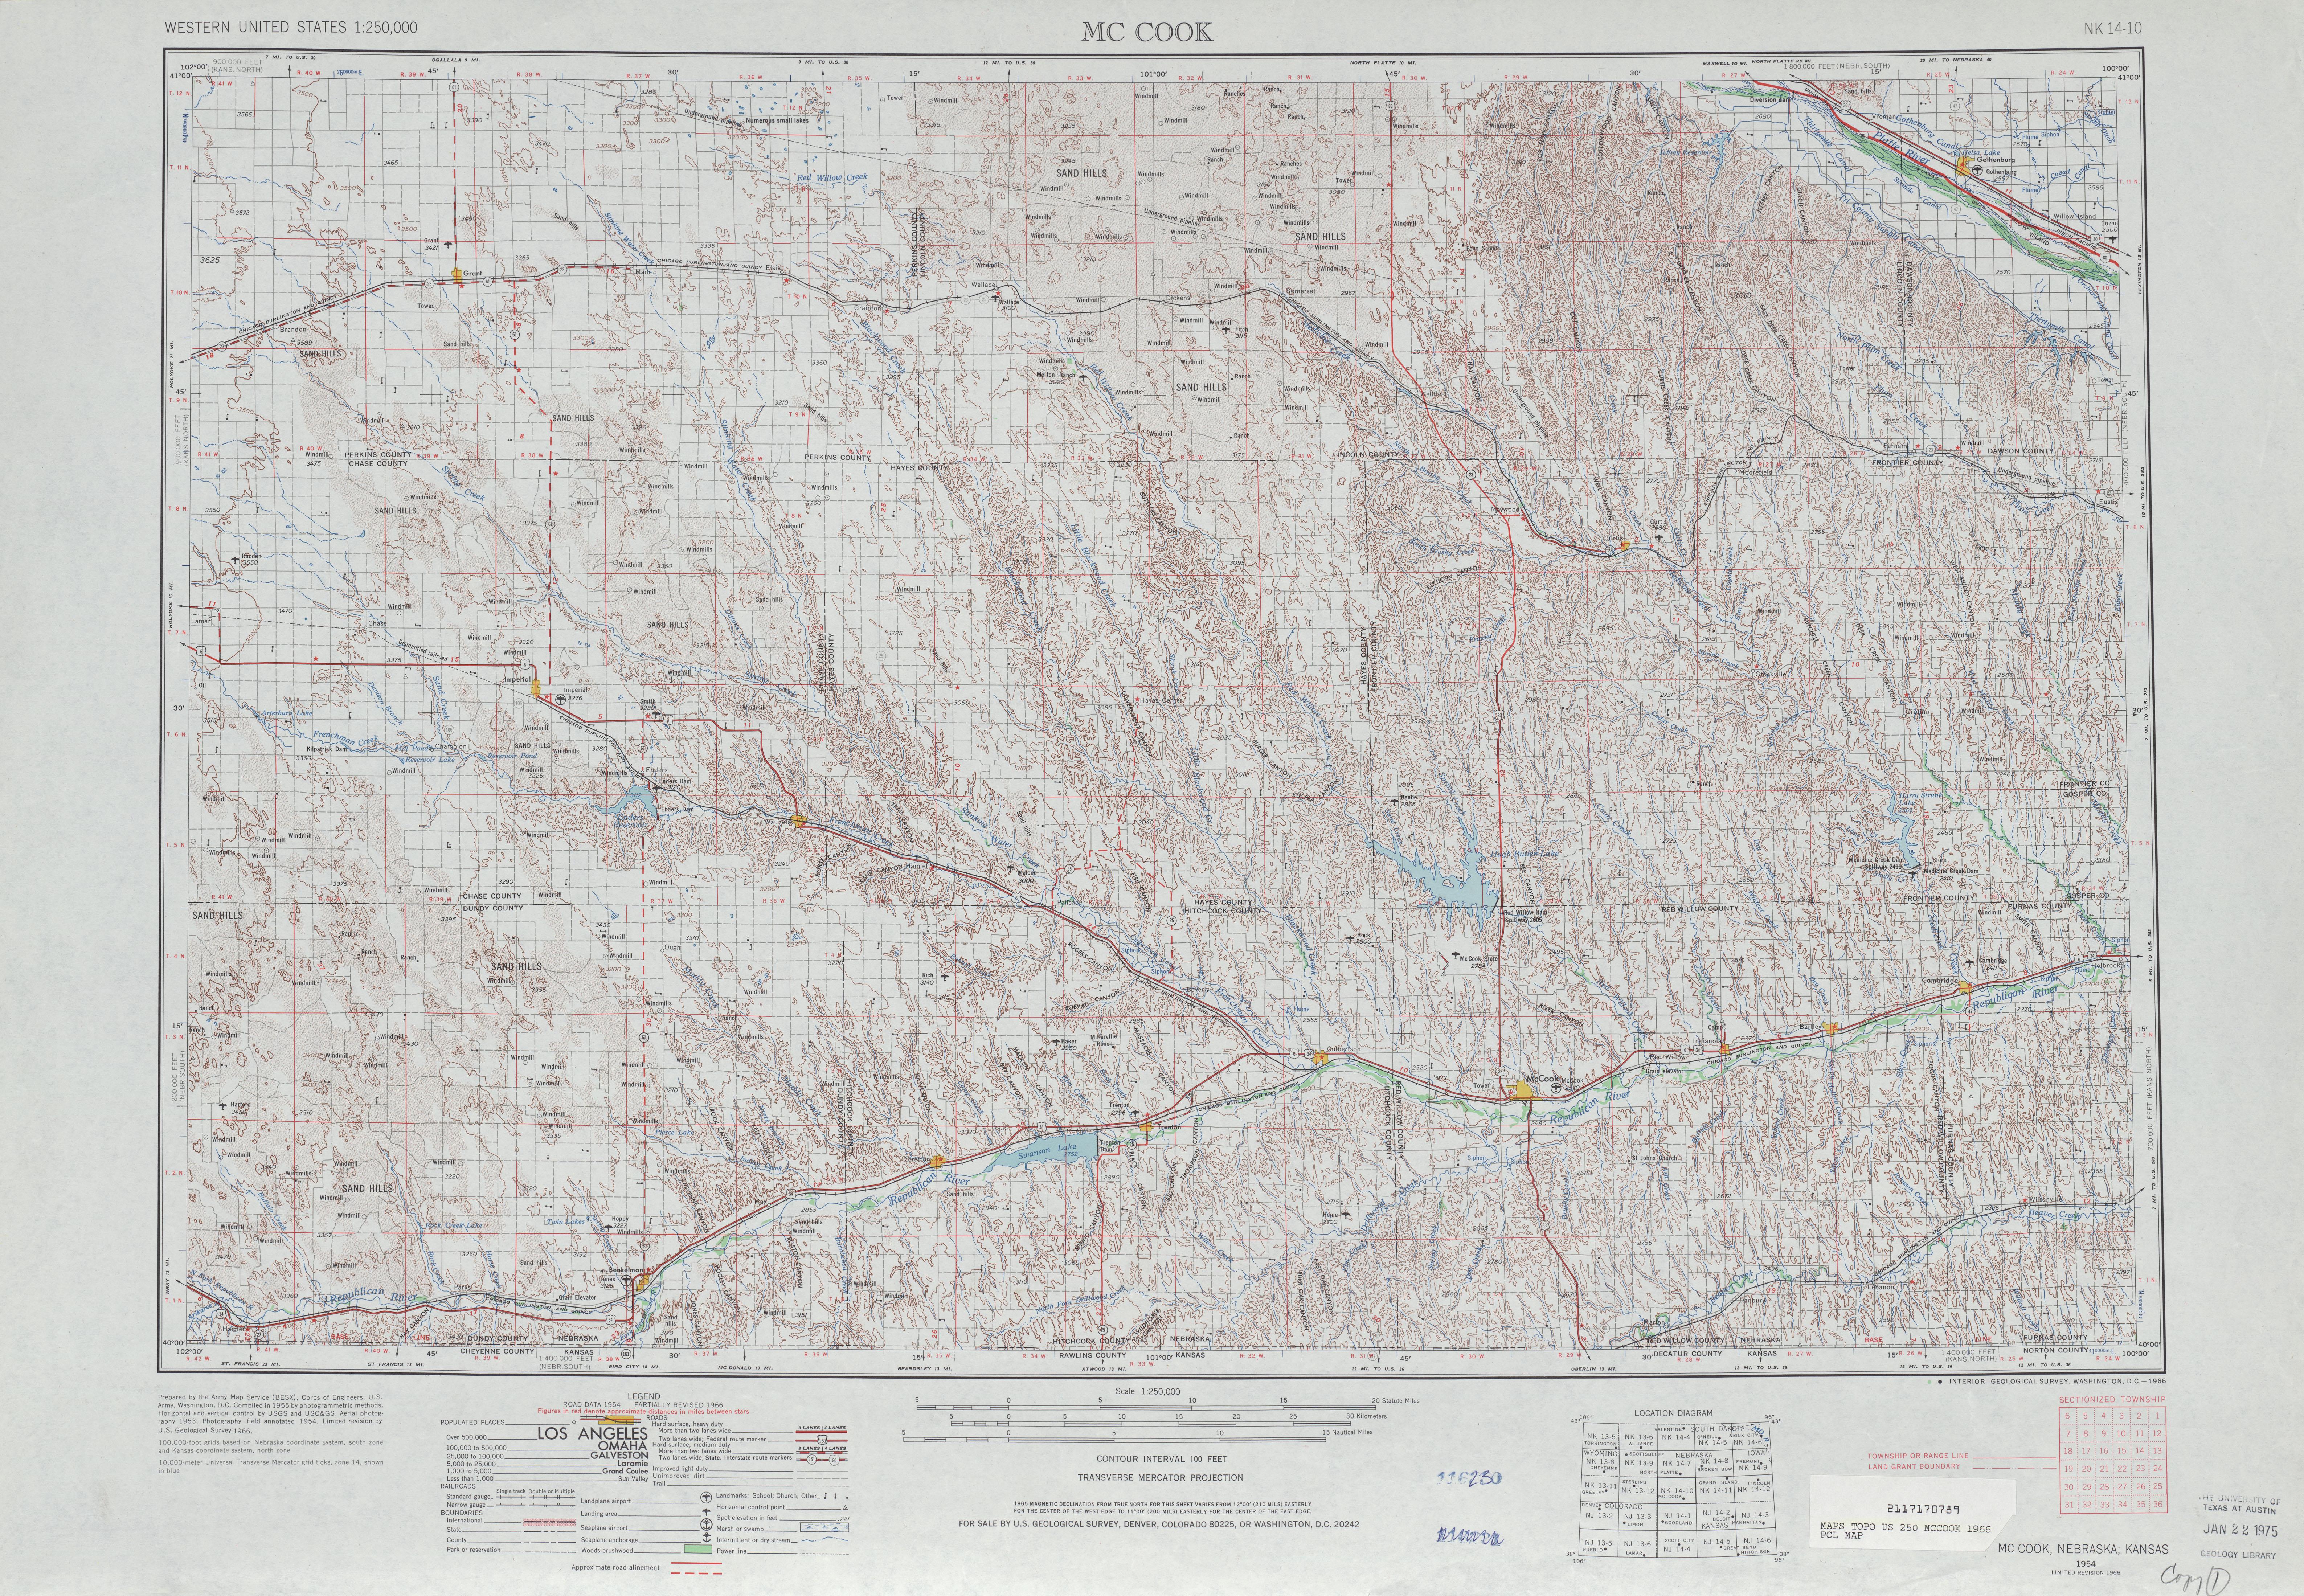 Hoja Mccook del Mapa Topográfico de los Estados Unidos 1966